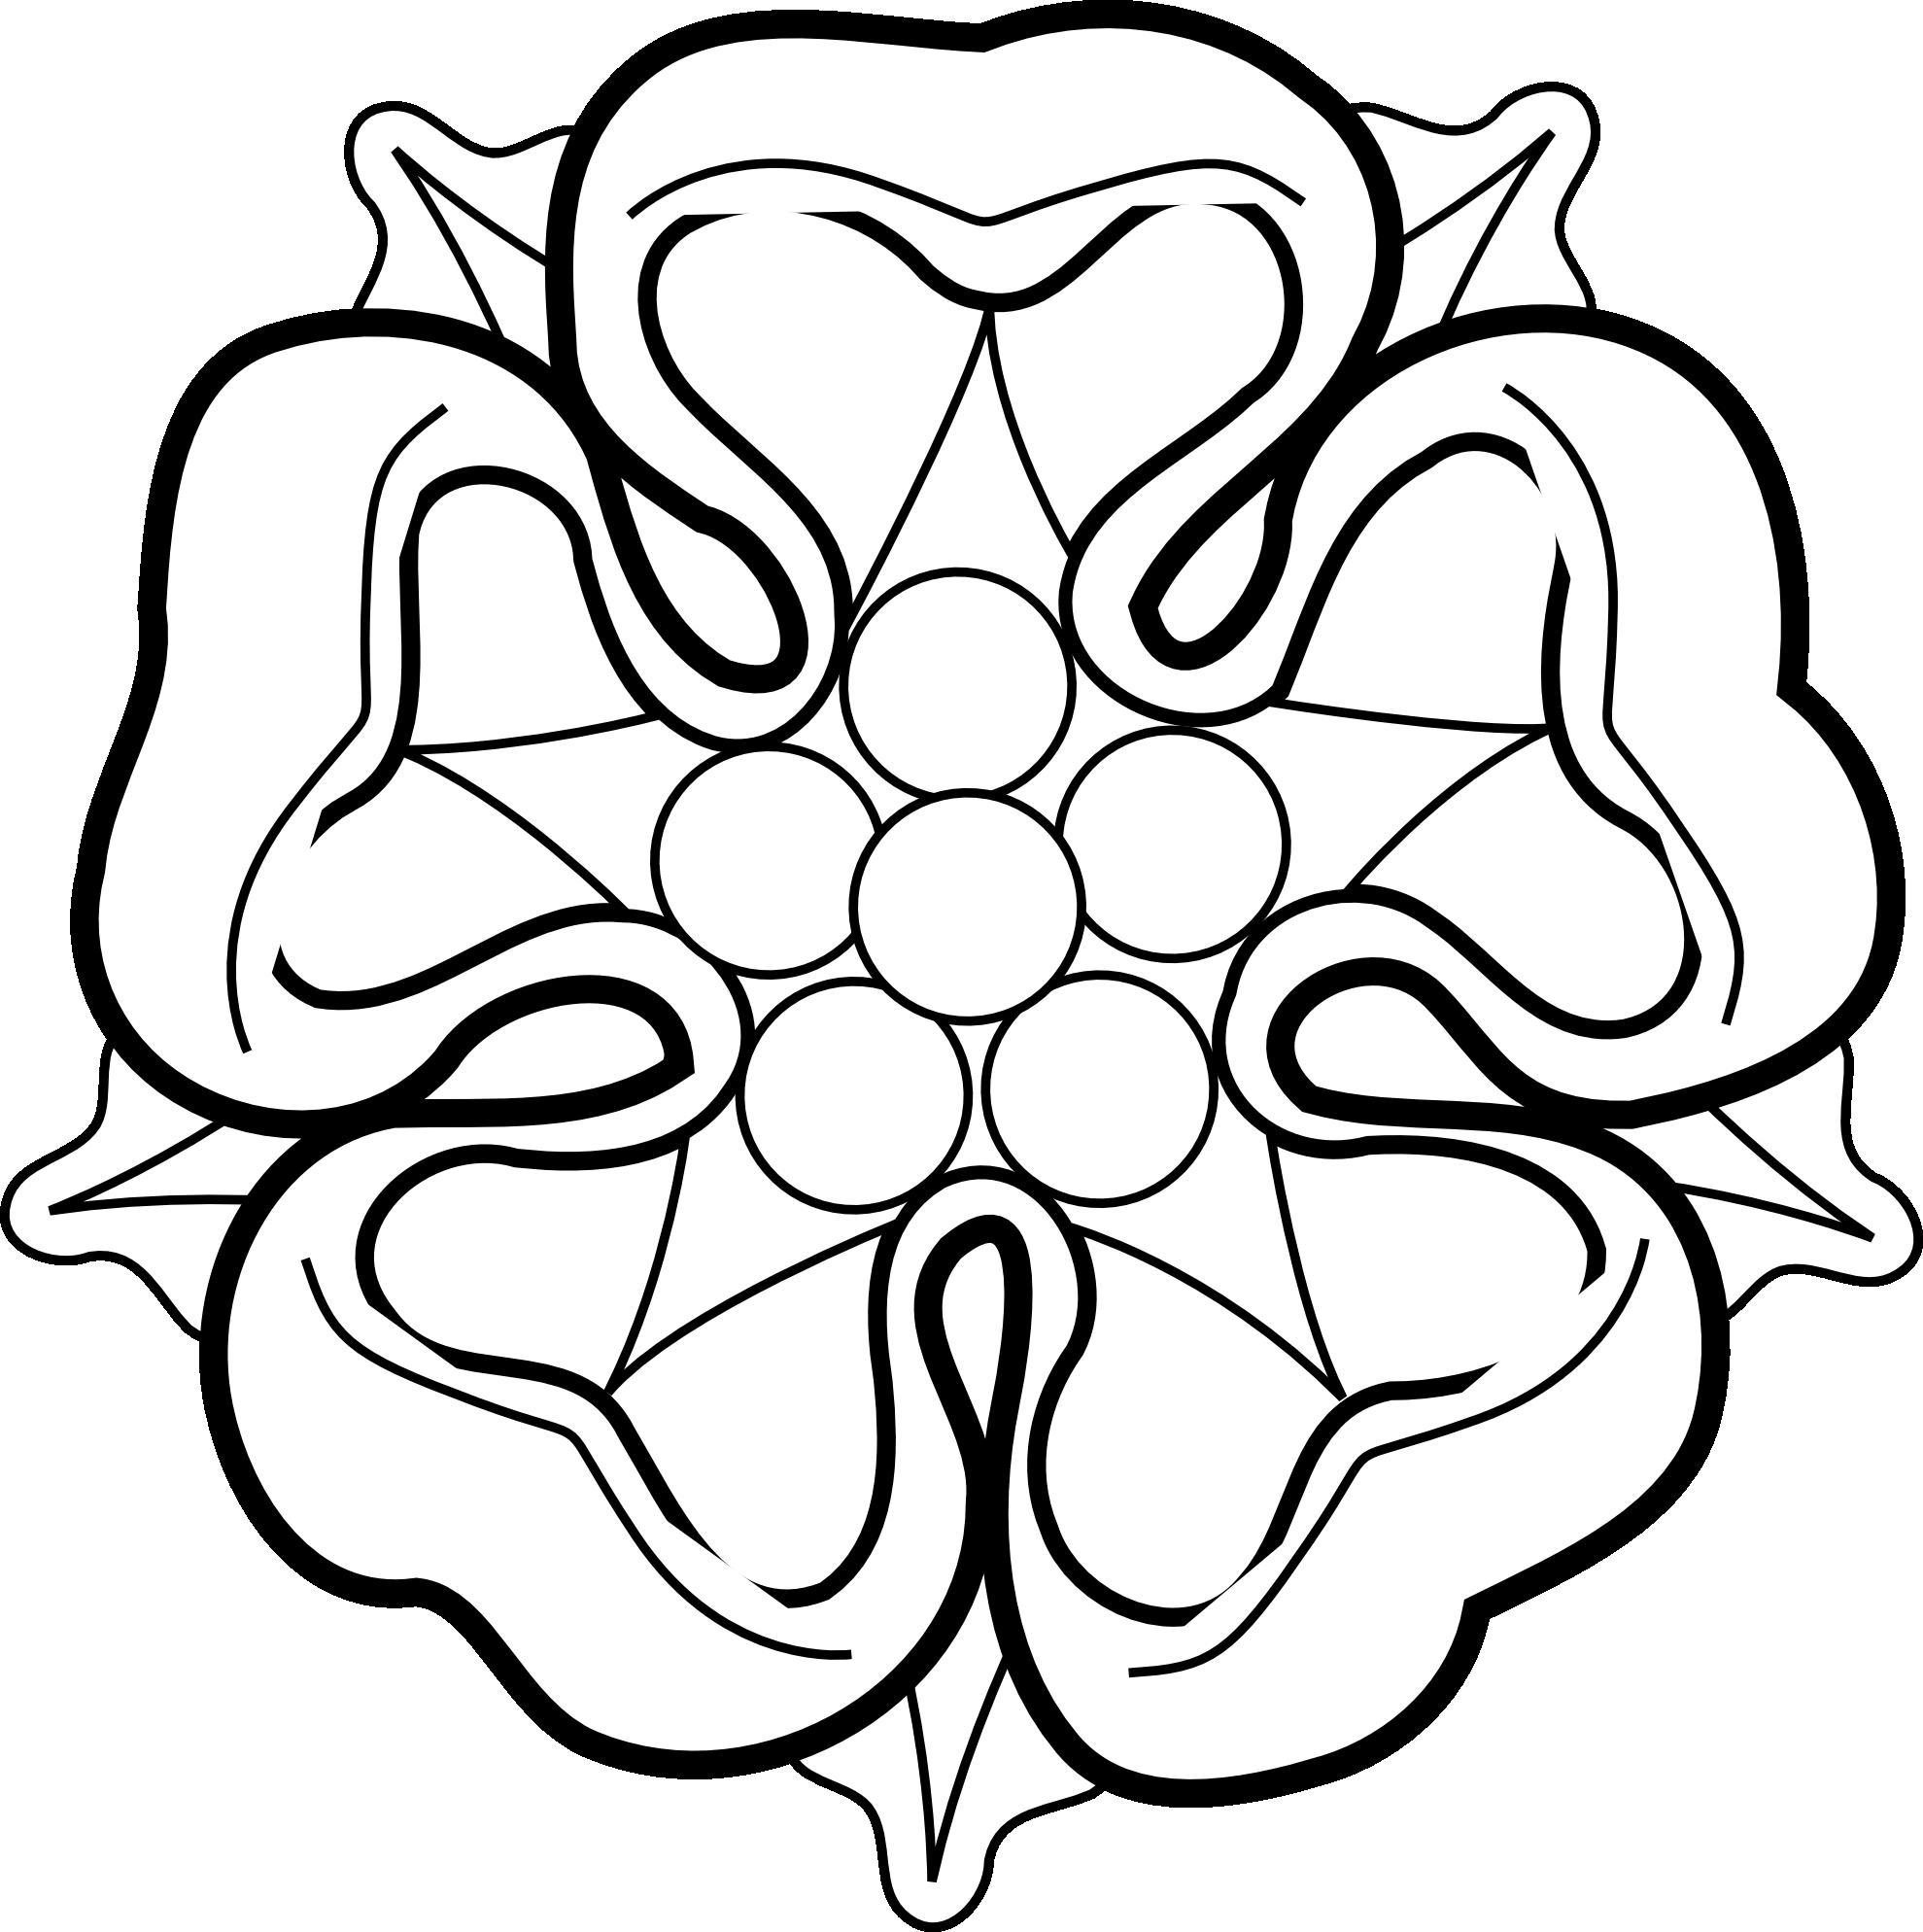 White Rose Clip Art - ClipArt Best - Black and White Rose Outline